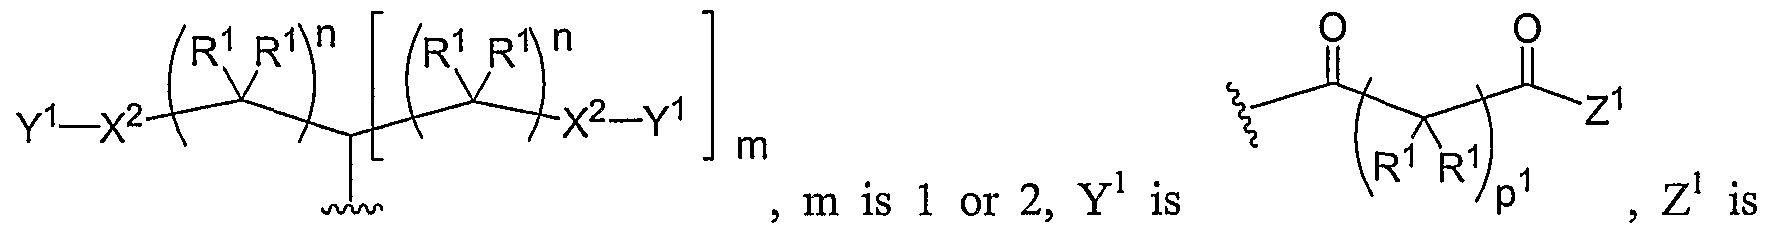 Figure imgf000311_0005